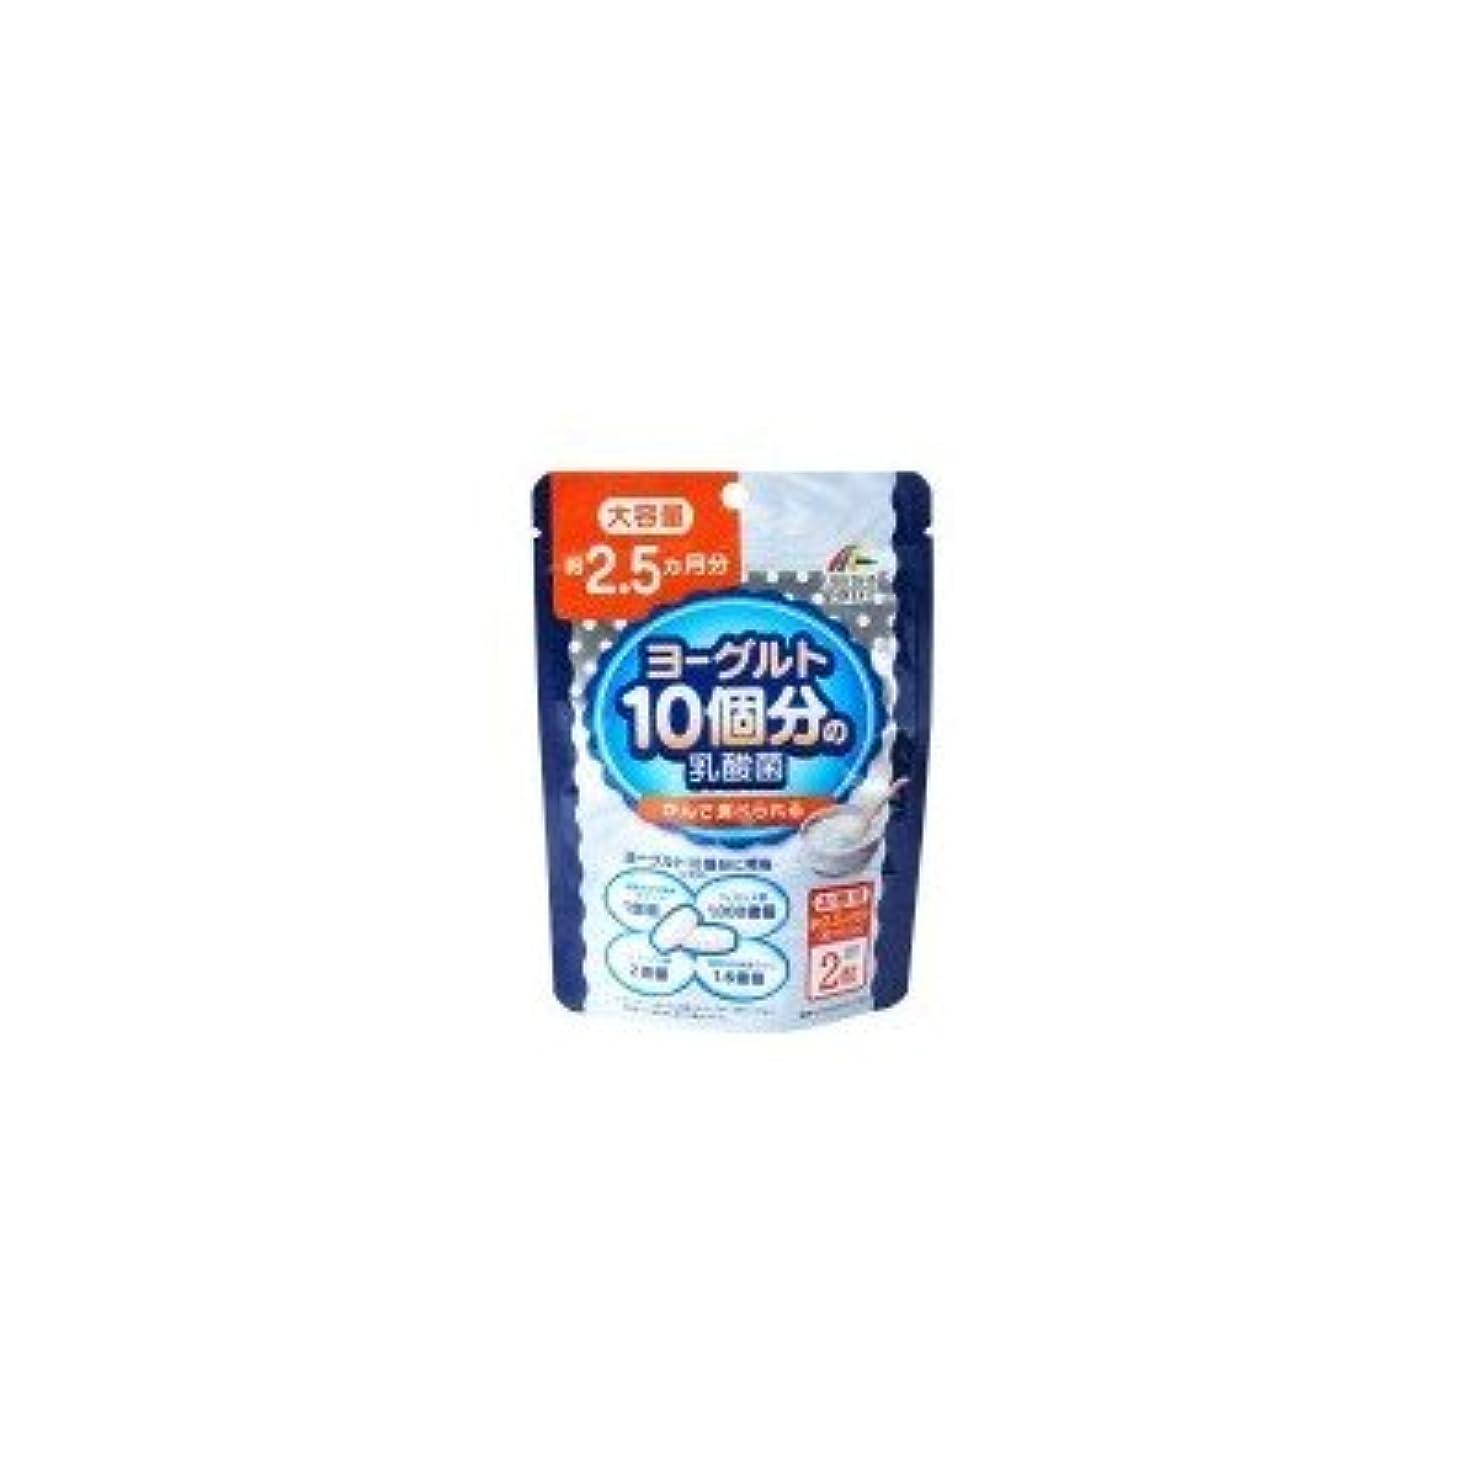 請願者インゲンイノセンスヨーグルト10個分の乳酸菌 大容量 30.8g(200mg×154粒)